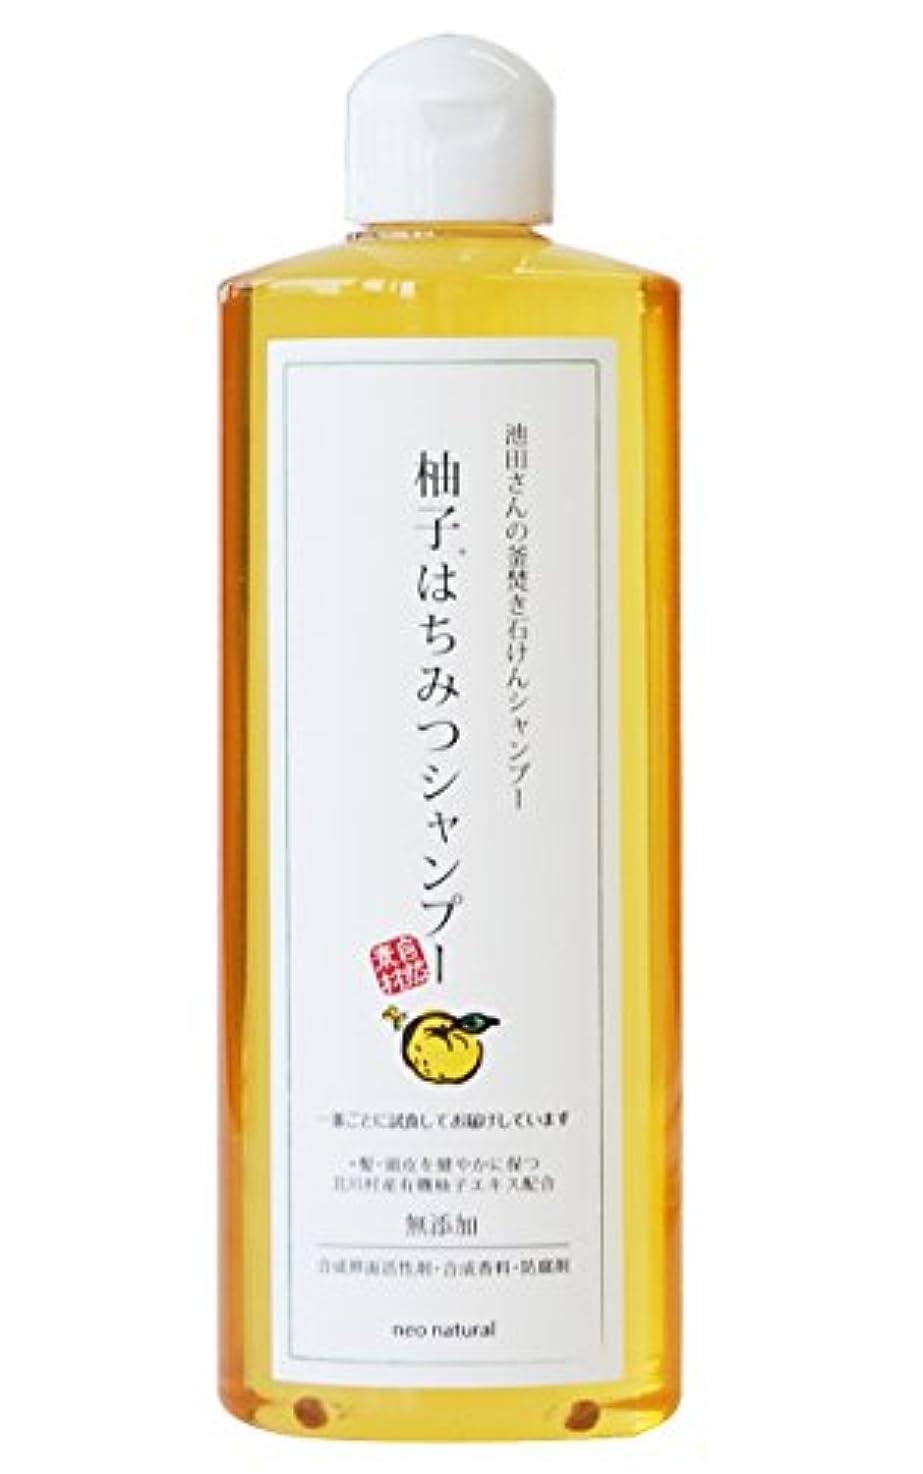 ルール歯硫黄ネオナチュラル 柚子はちみつシャンプー 300ml